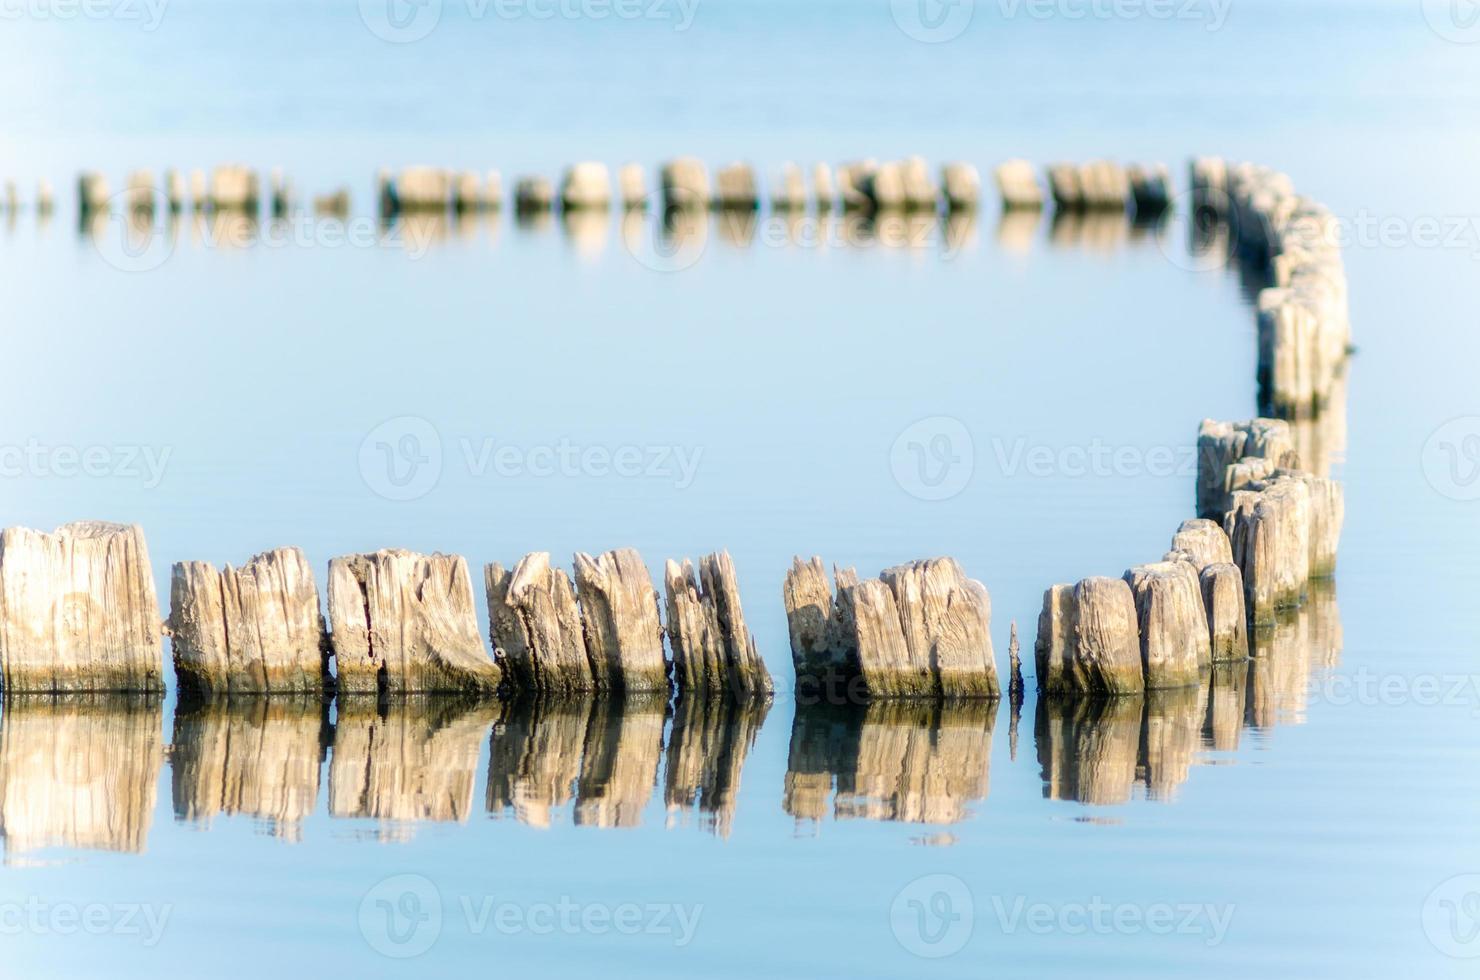 grupp av trästolpar i vattnet foto